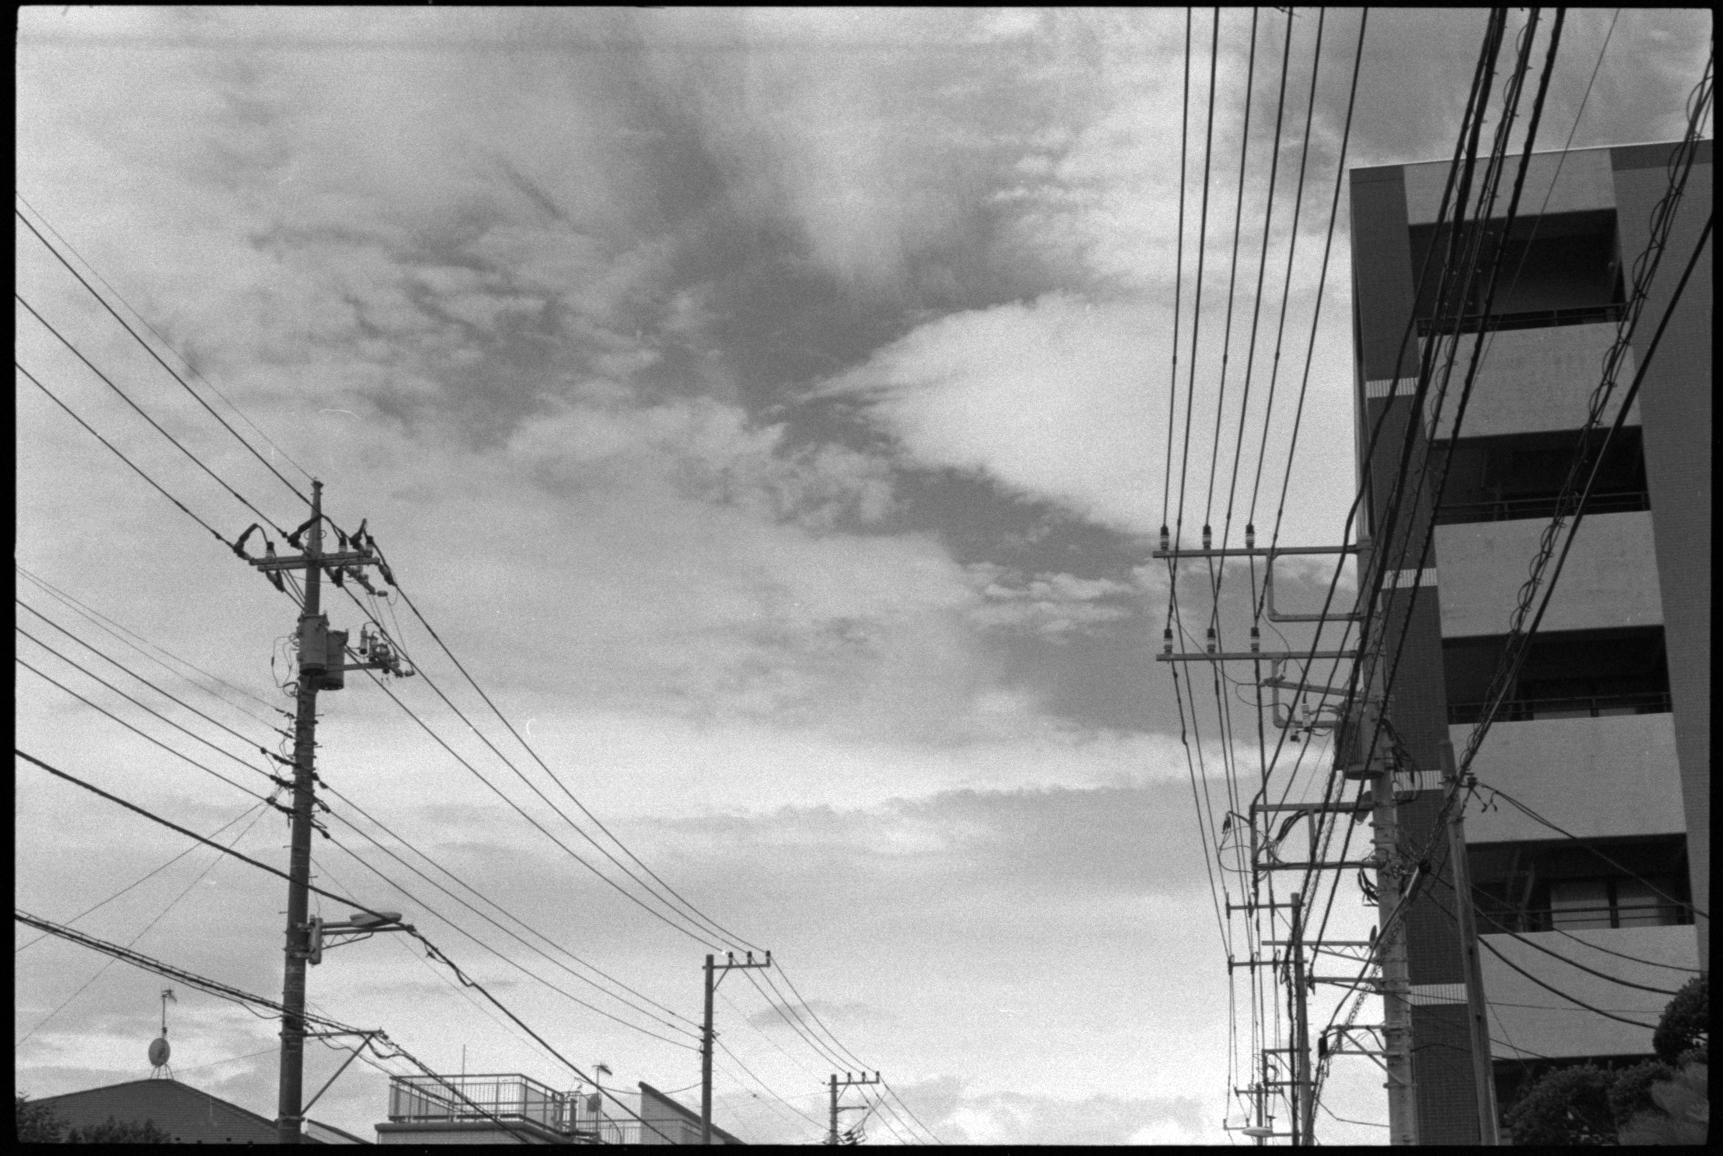 20140710 LeicaM4-P Summicron50 TX TMD 023